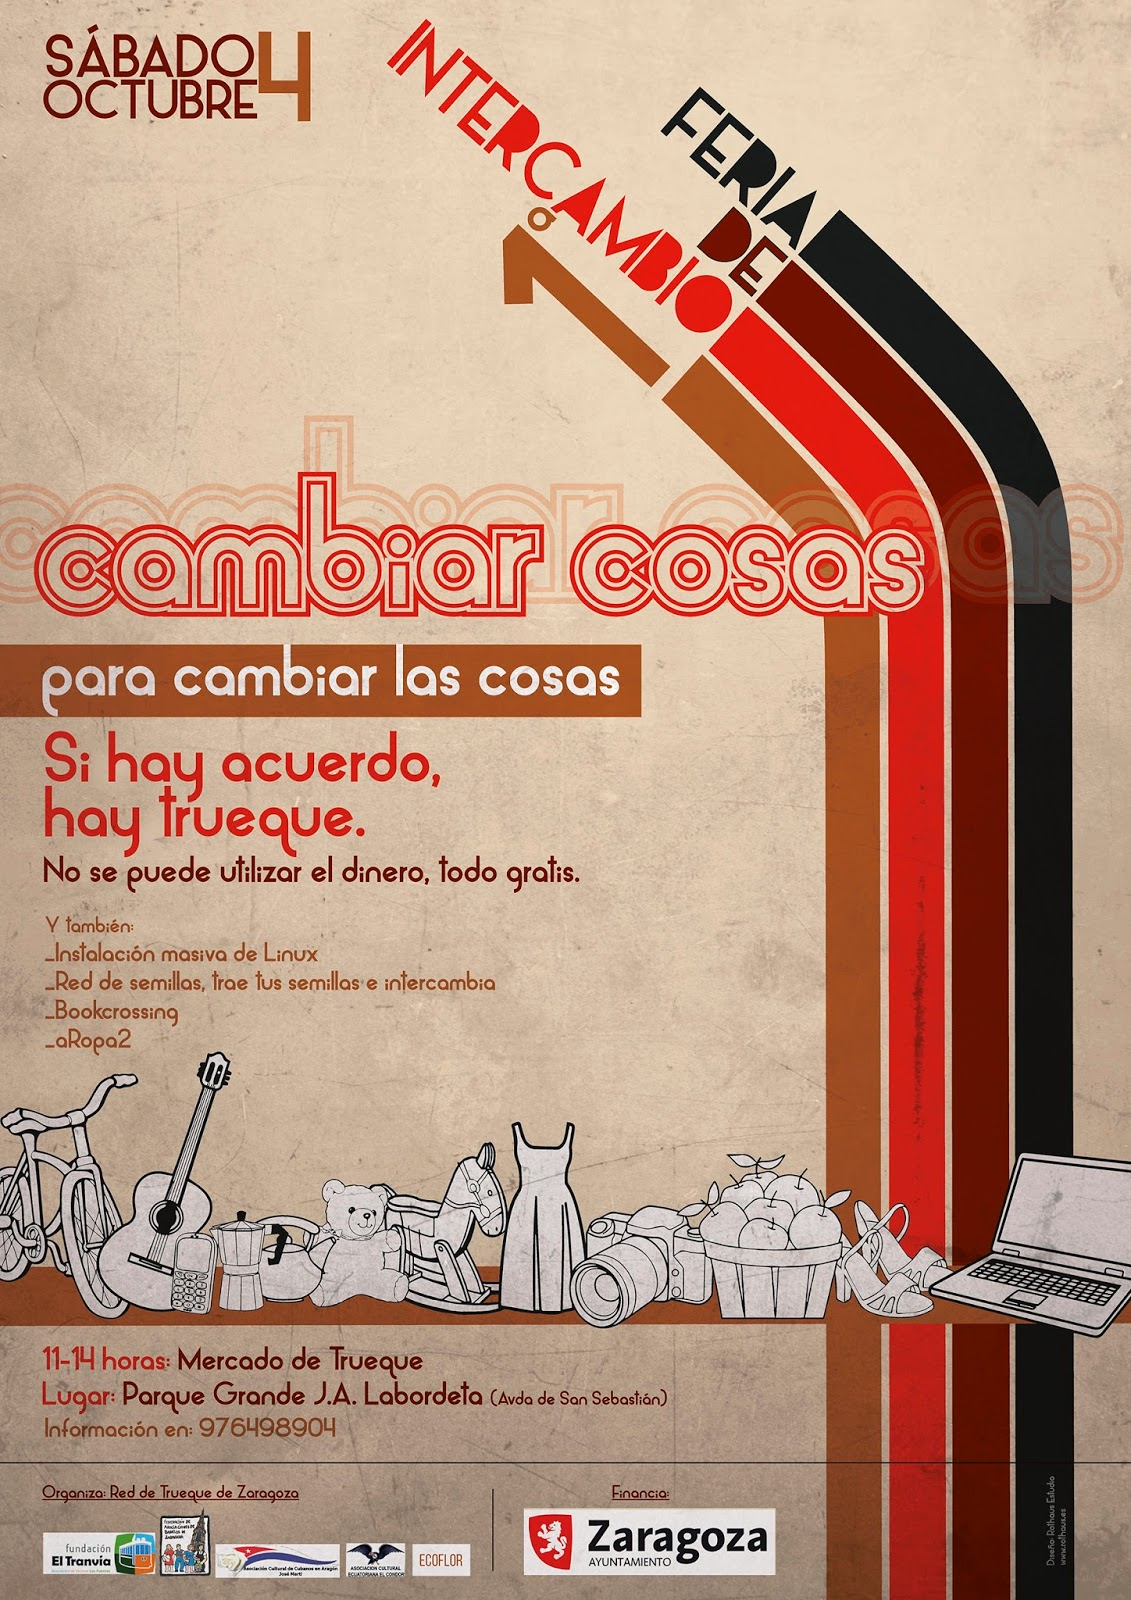 Primera Feria Intercambio en Zaragoza